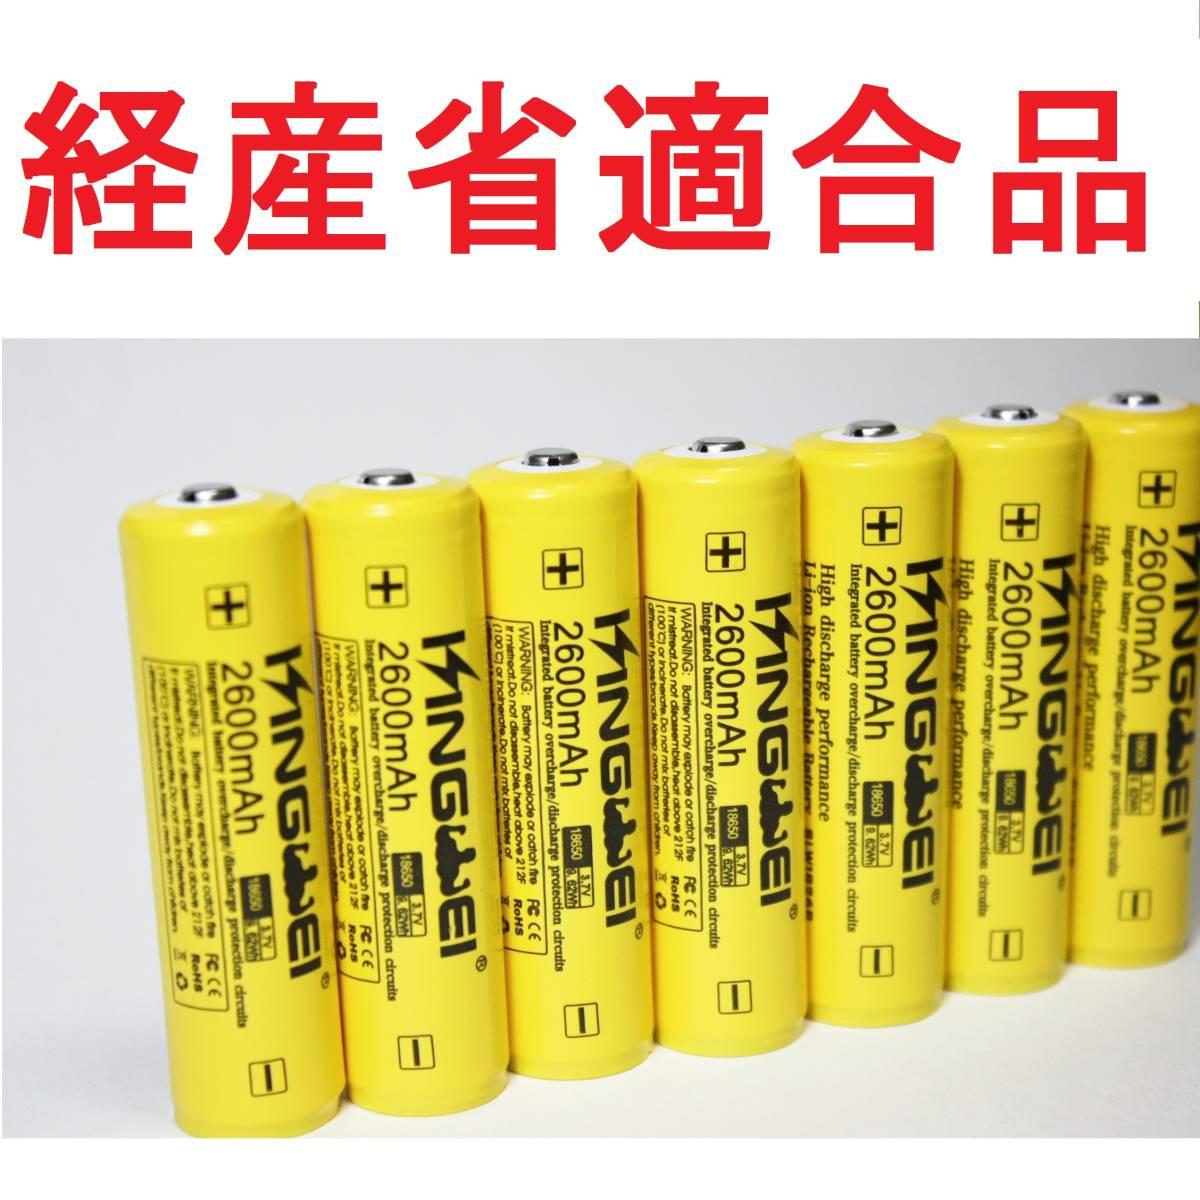 正規容量 18650 経済産業省適合品 大容量 リチウムイオン 充電池 バッテリー 懐中電灯 ヘッドライト03_画像1